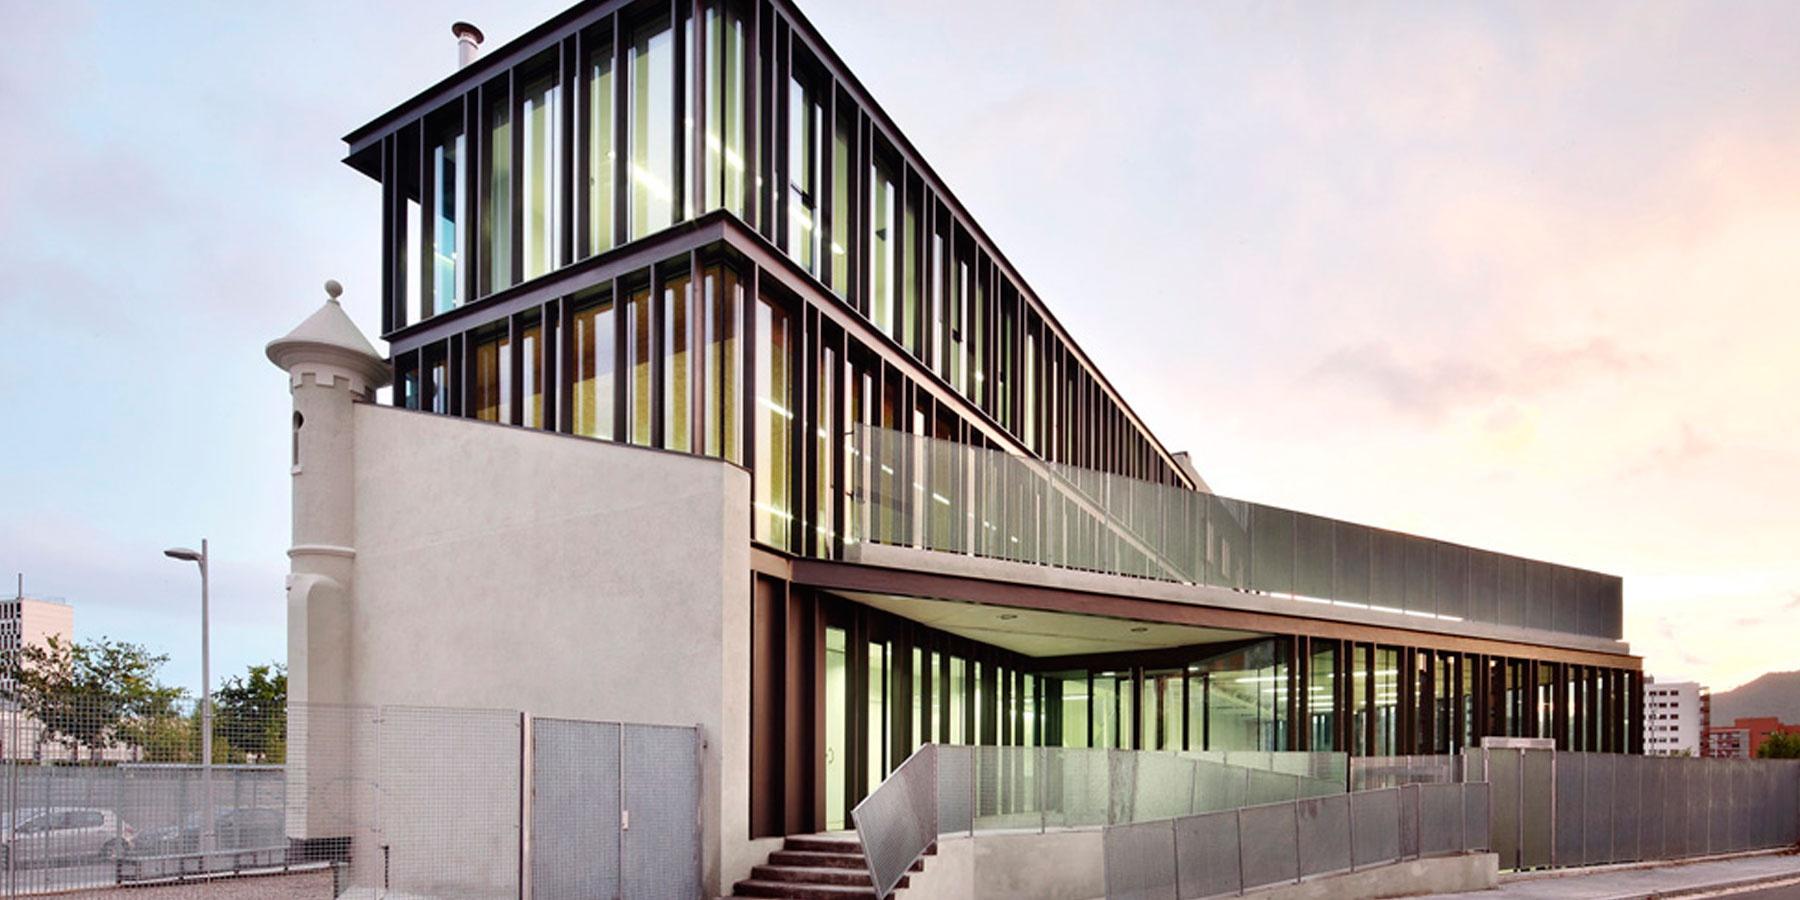 Estudio de arquitectos estudio de tragaluz estudio de estudio de arquitectos estudio de en - Estudio arquitectura barcelona ...